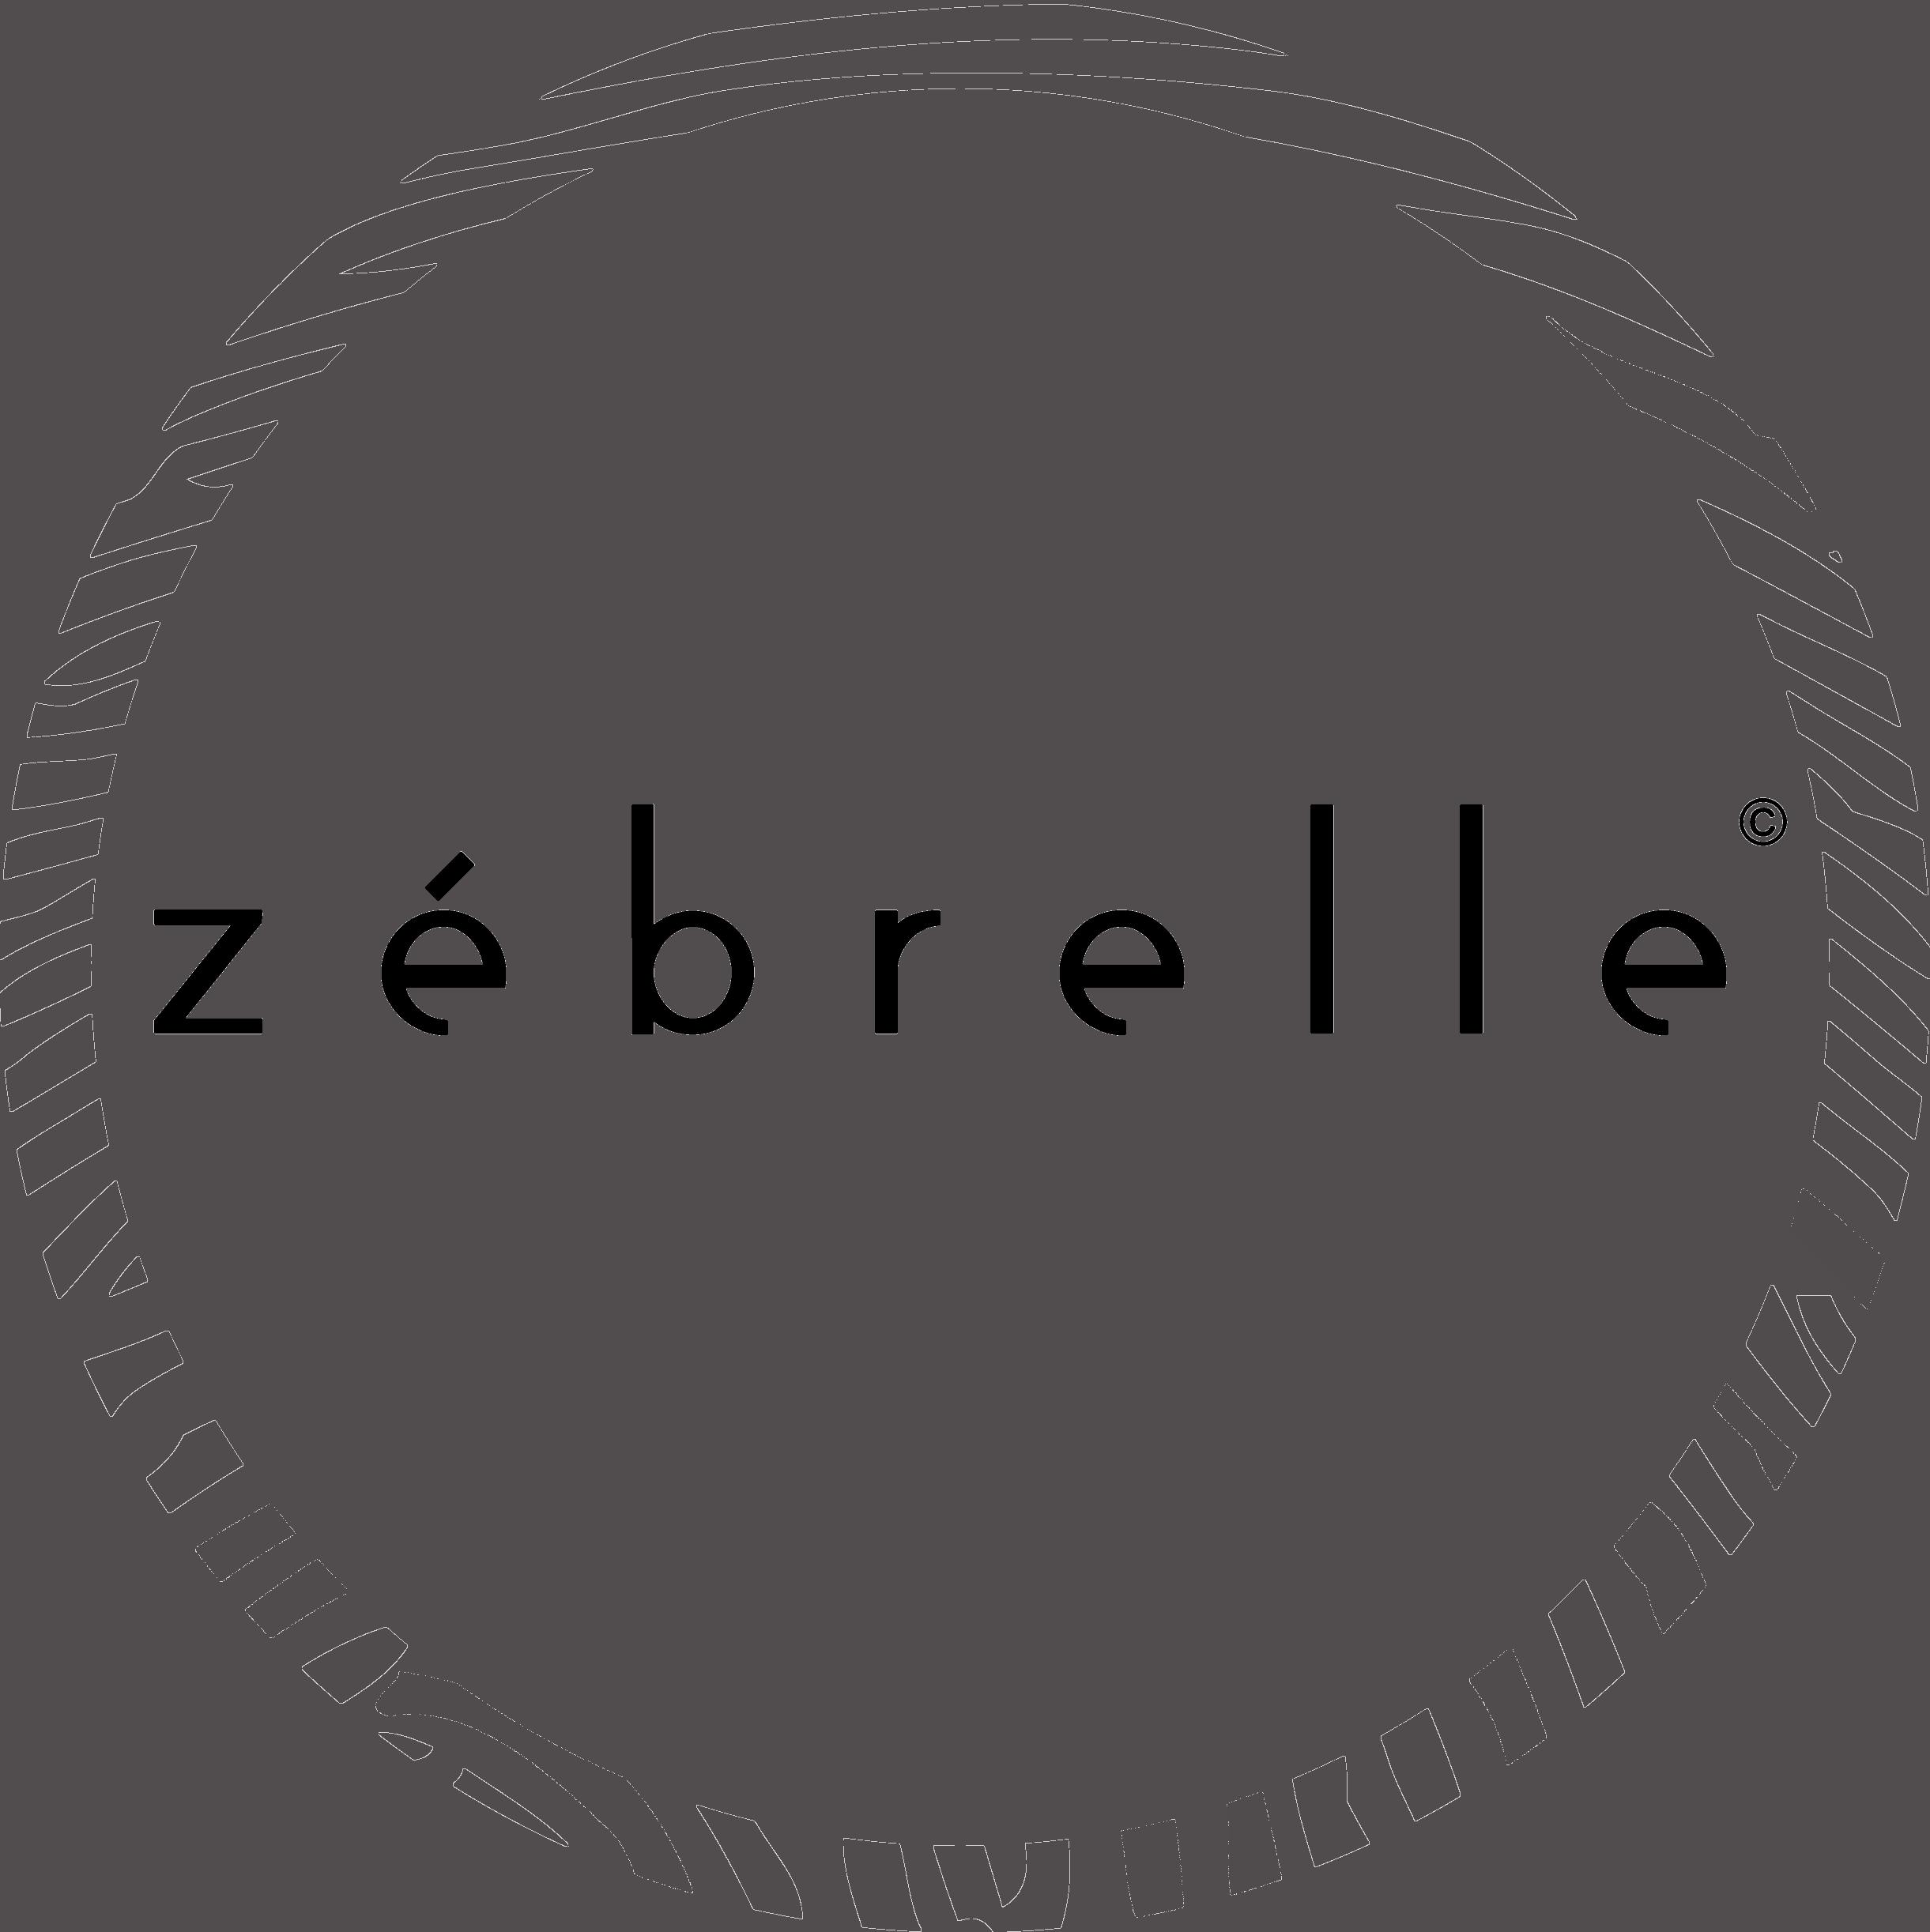 LOGO-ZEBRELLE